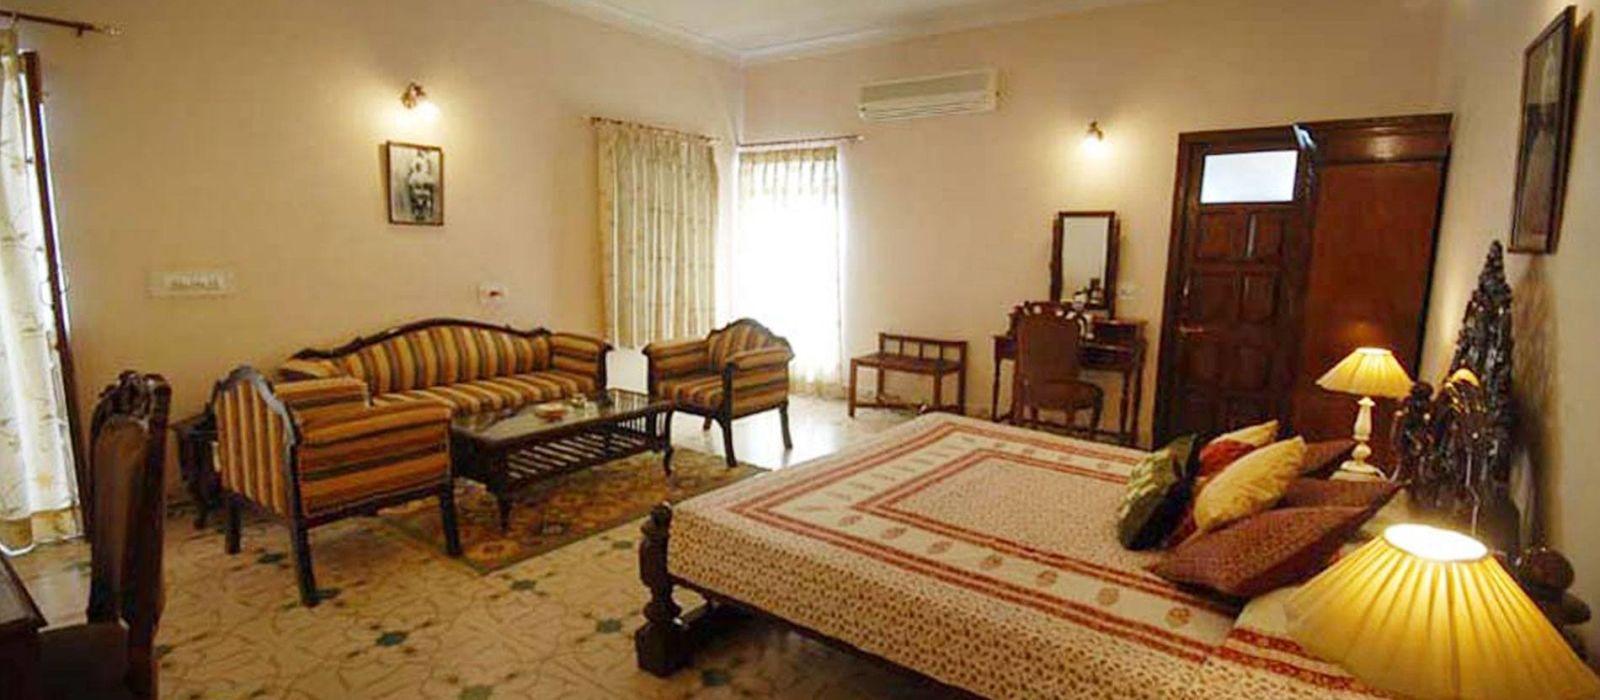 Hotel Ratan Vilas North India